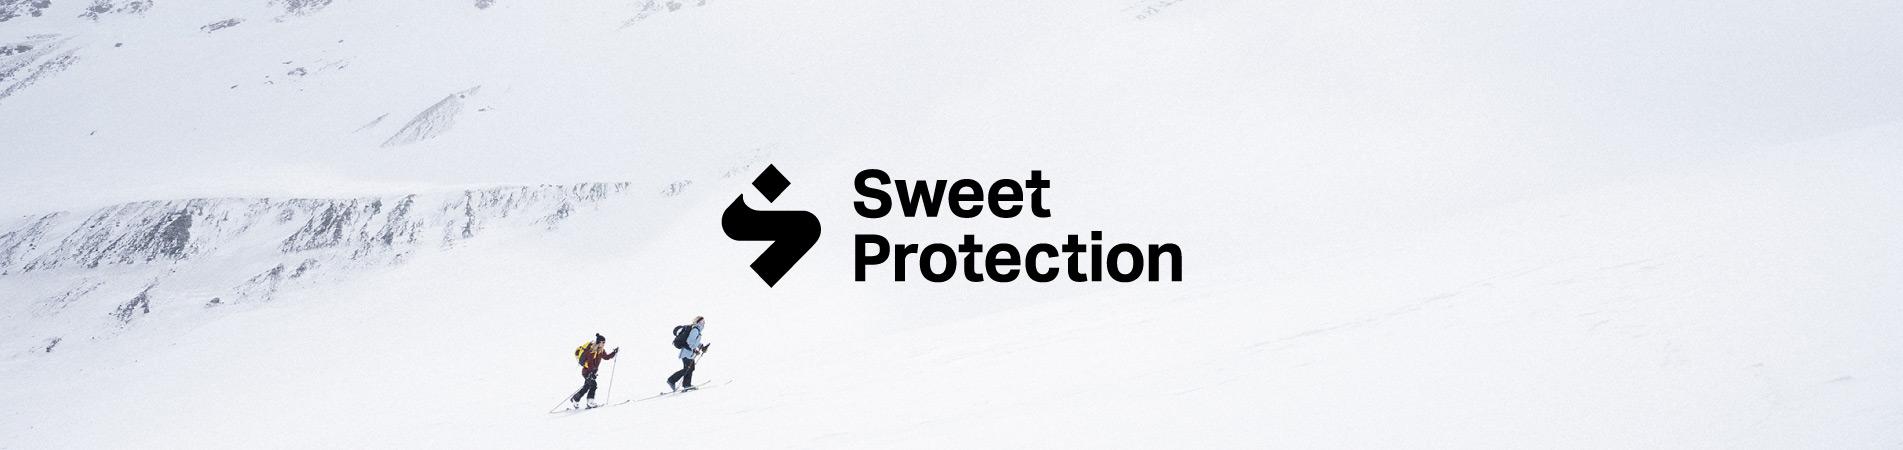 sweet-v2r2.jpg